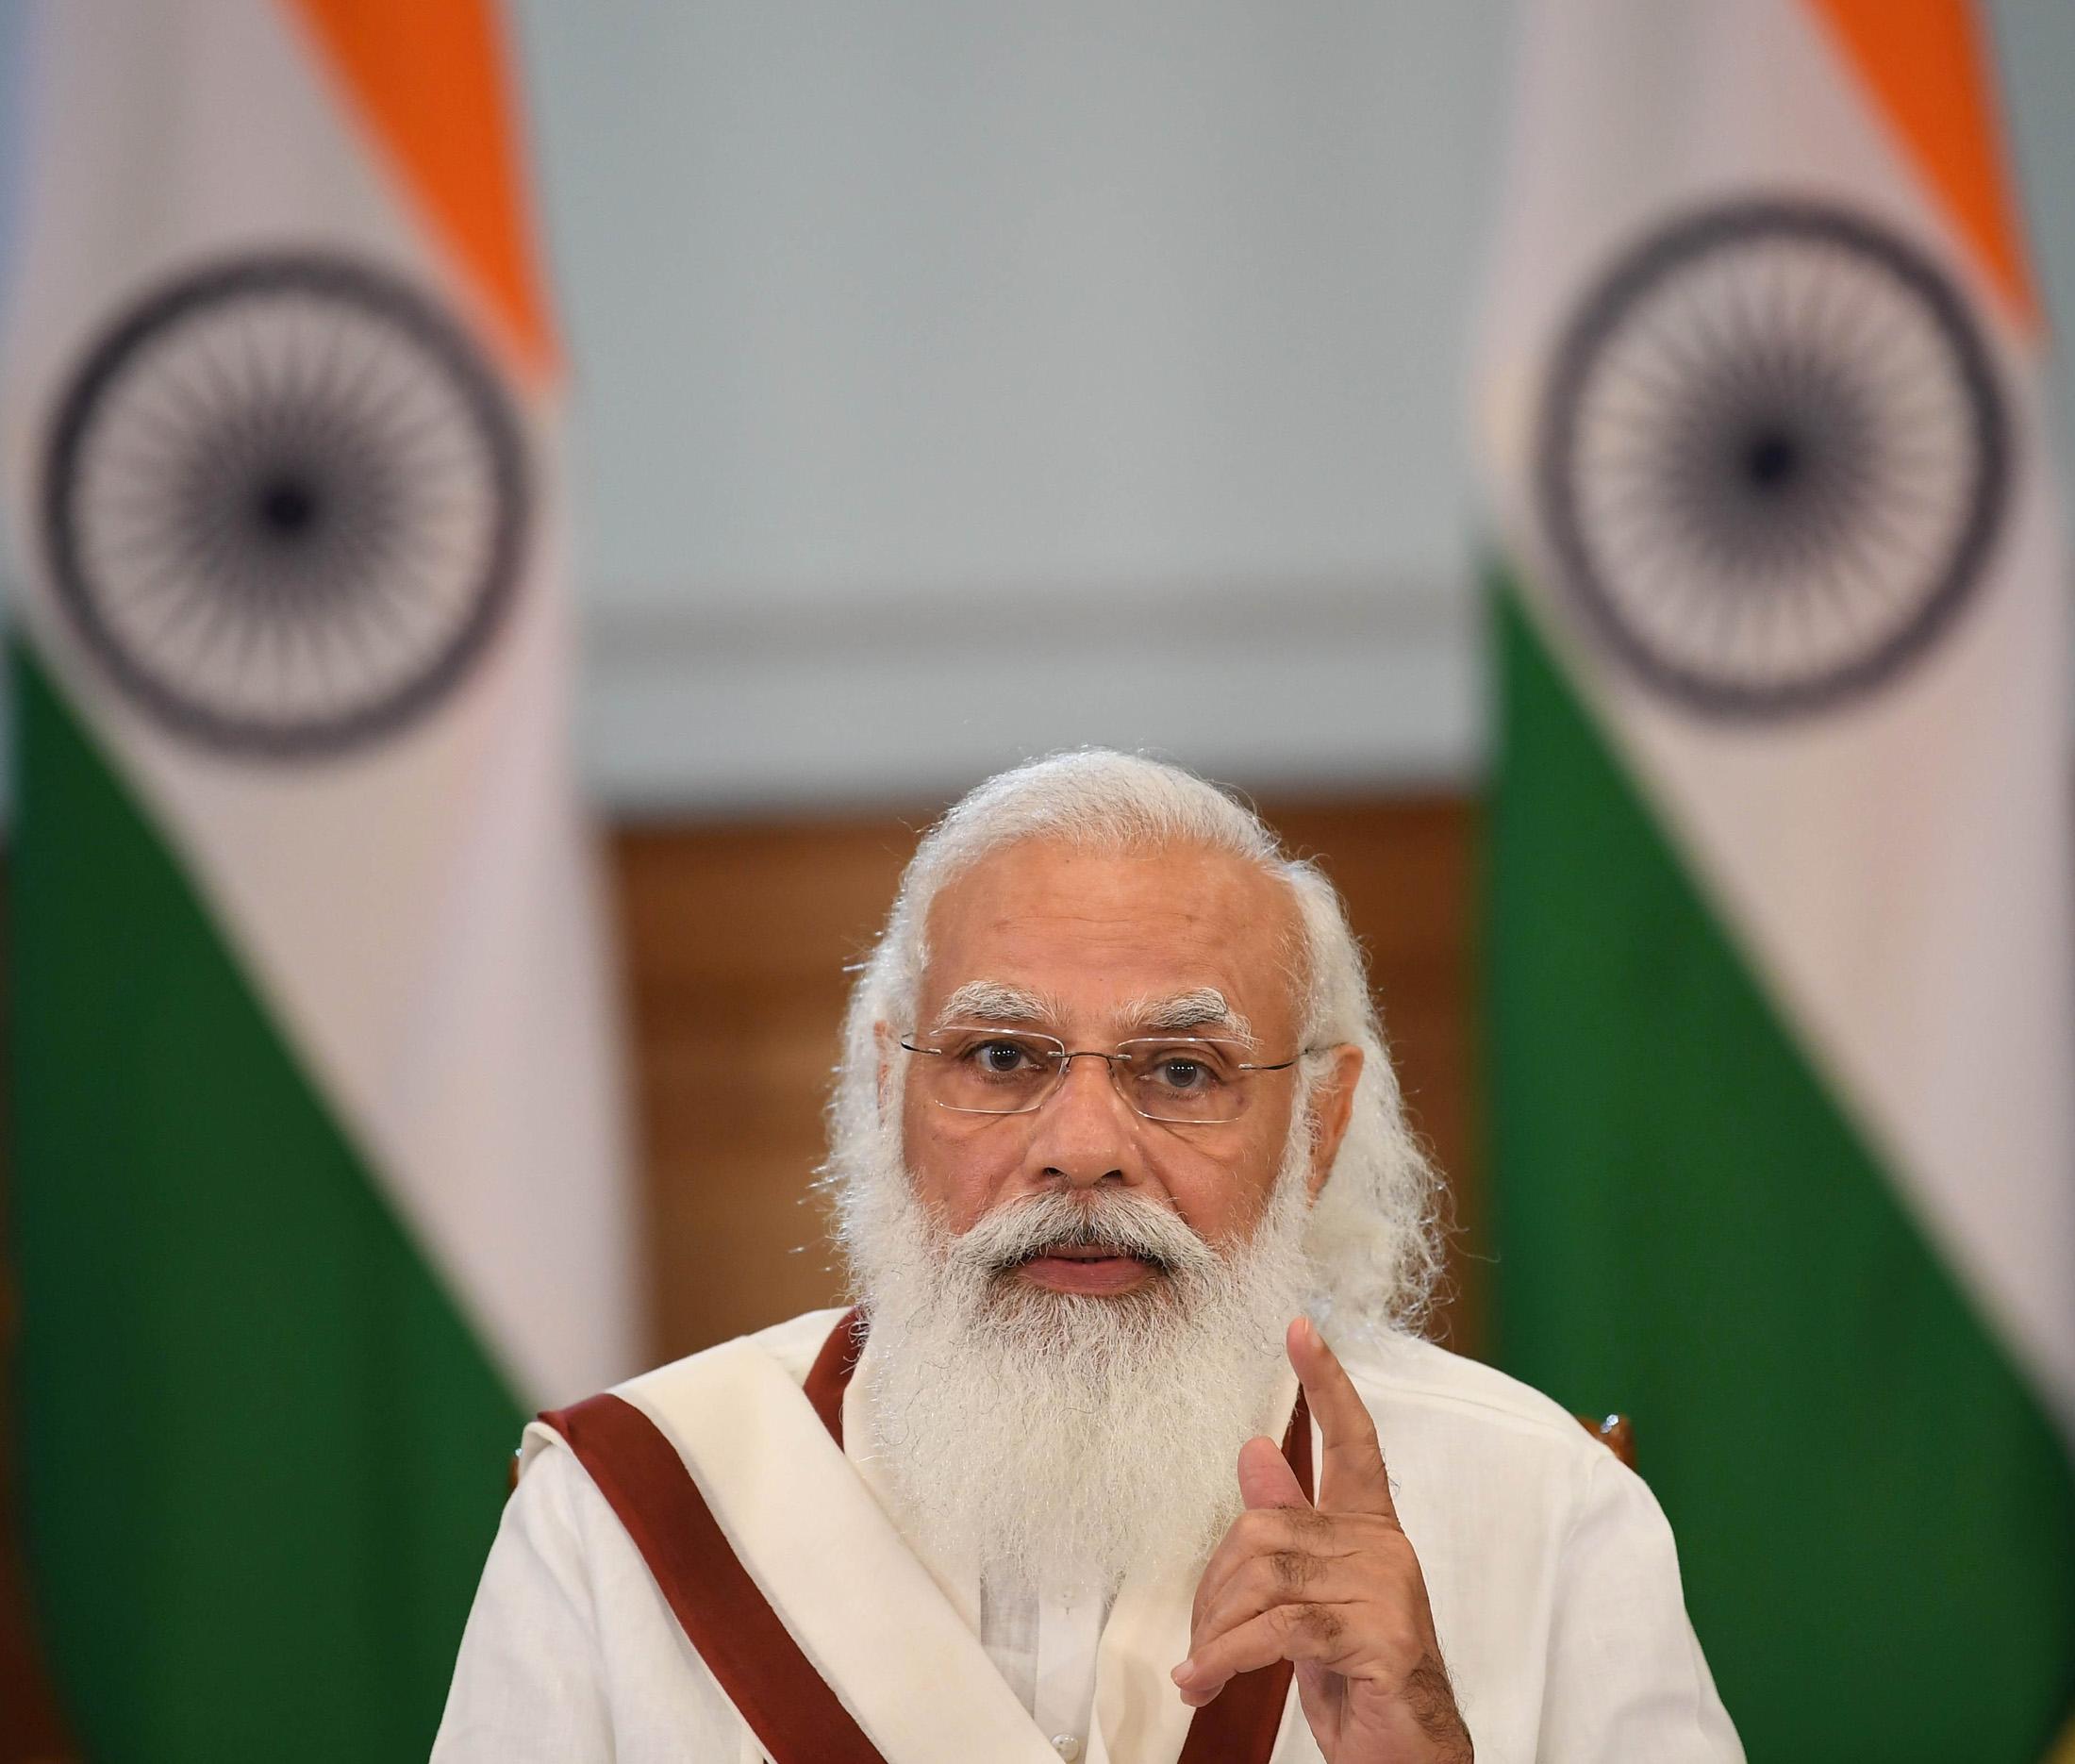 ਪੈਰਾਲੰਪਿਕ ਖੇਡਾਂ ਸ਼ੁਰੂ ਹੋ ਰਹੀਆਂ ਹਨ ਖੇਡਾਂ ਵਿਚ ਹਿੱਸਾ ਲੈ ਰਹੇ ਭਾਰਤੀ ਦਲ ਨੂੰ ਮੇਰੀਆਂ ਸ਼ੁੱਭਕਾਮਨਾਵਾਂ : PM ਮੋਦੀ